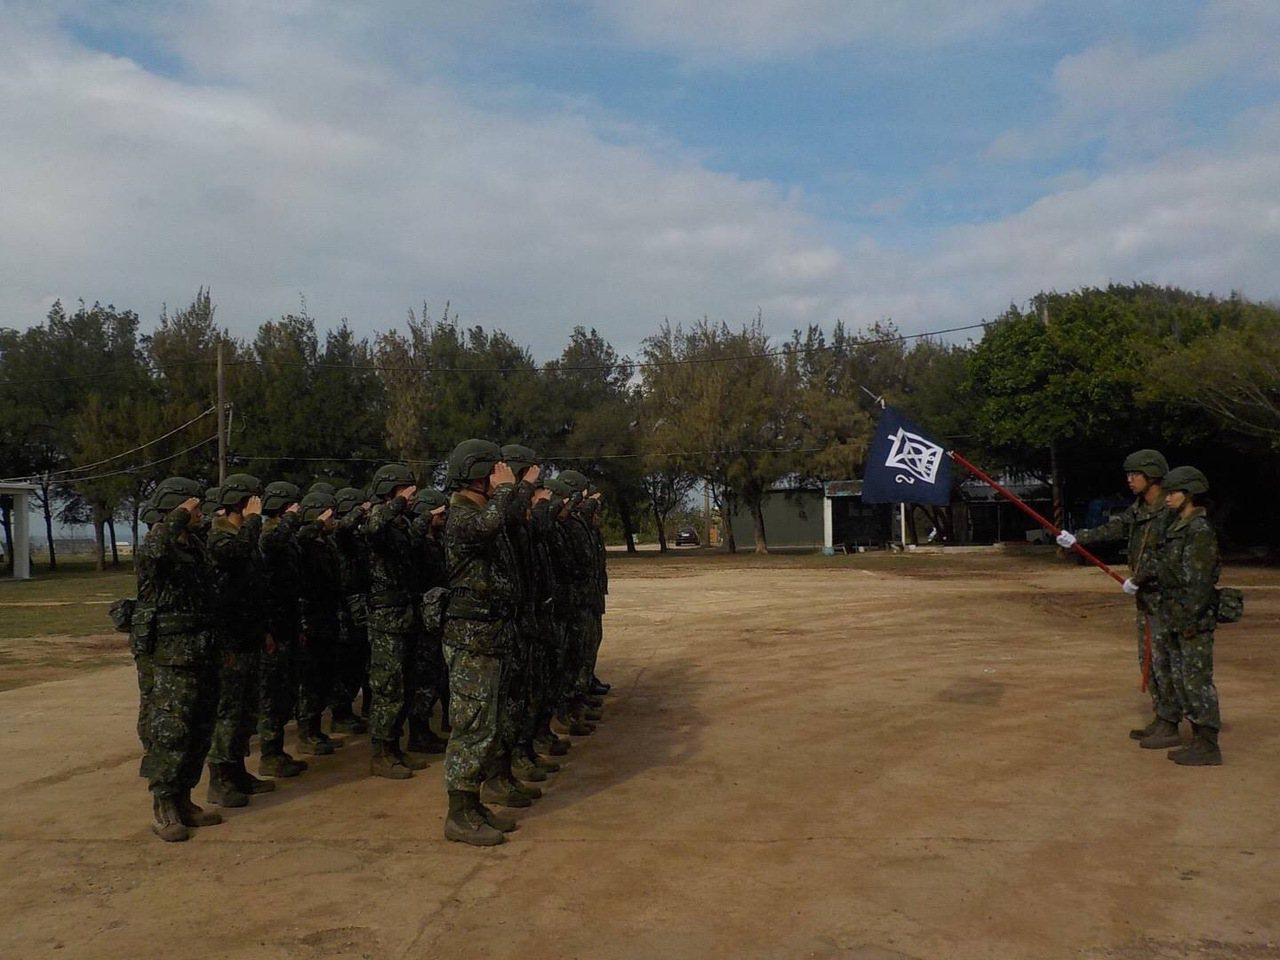 澎湖當地知名的軍事防衛重鎮五德營區,將在5月展開新式兵舍整建,原本居住在老舊營舍...